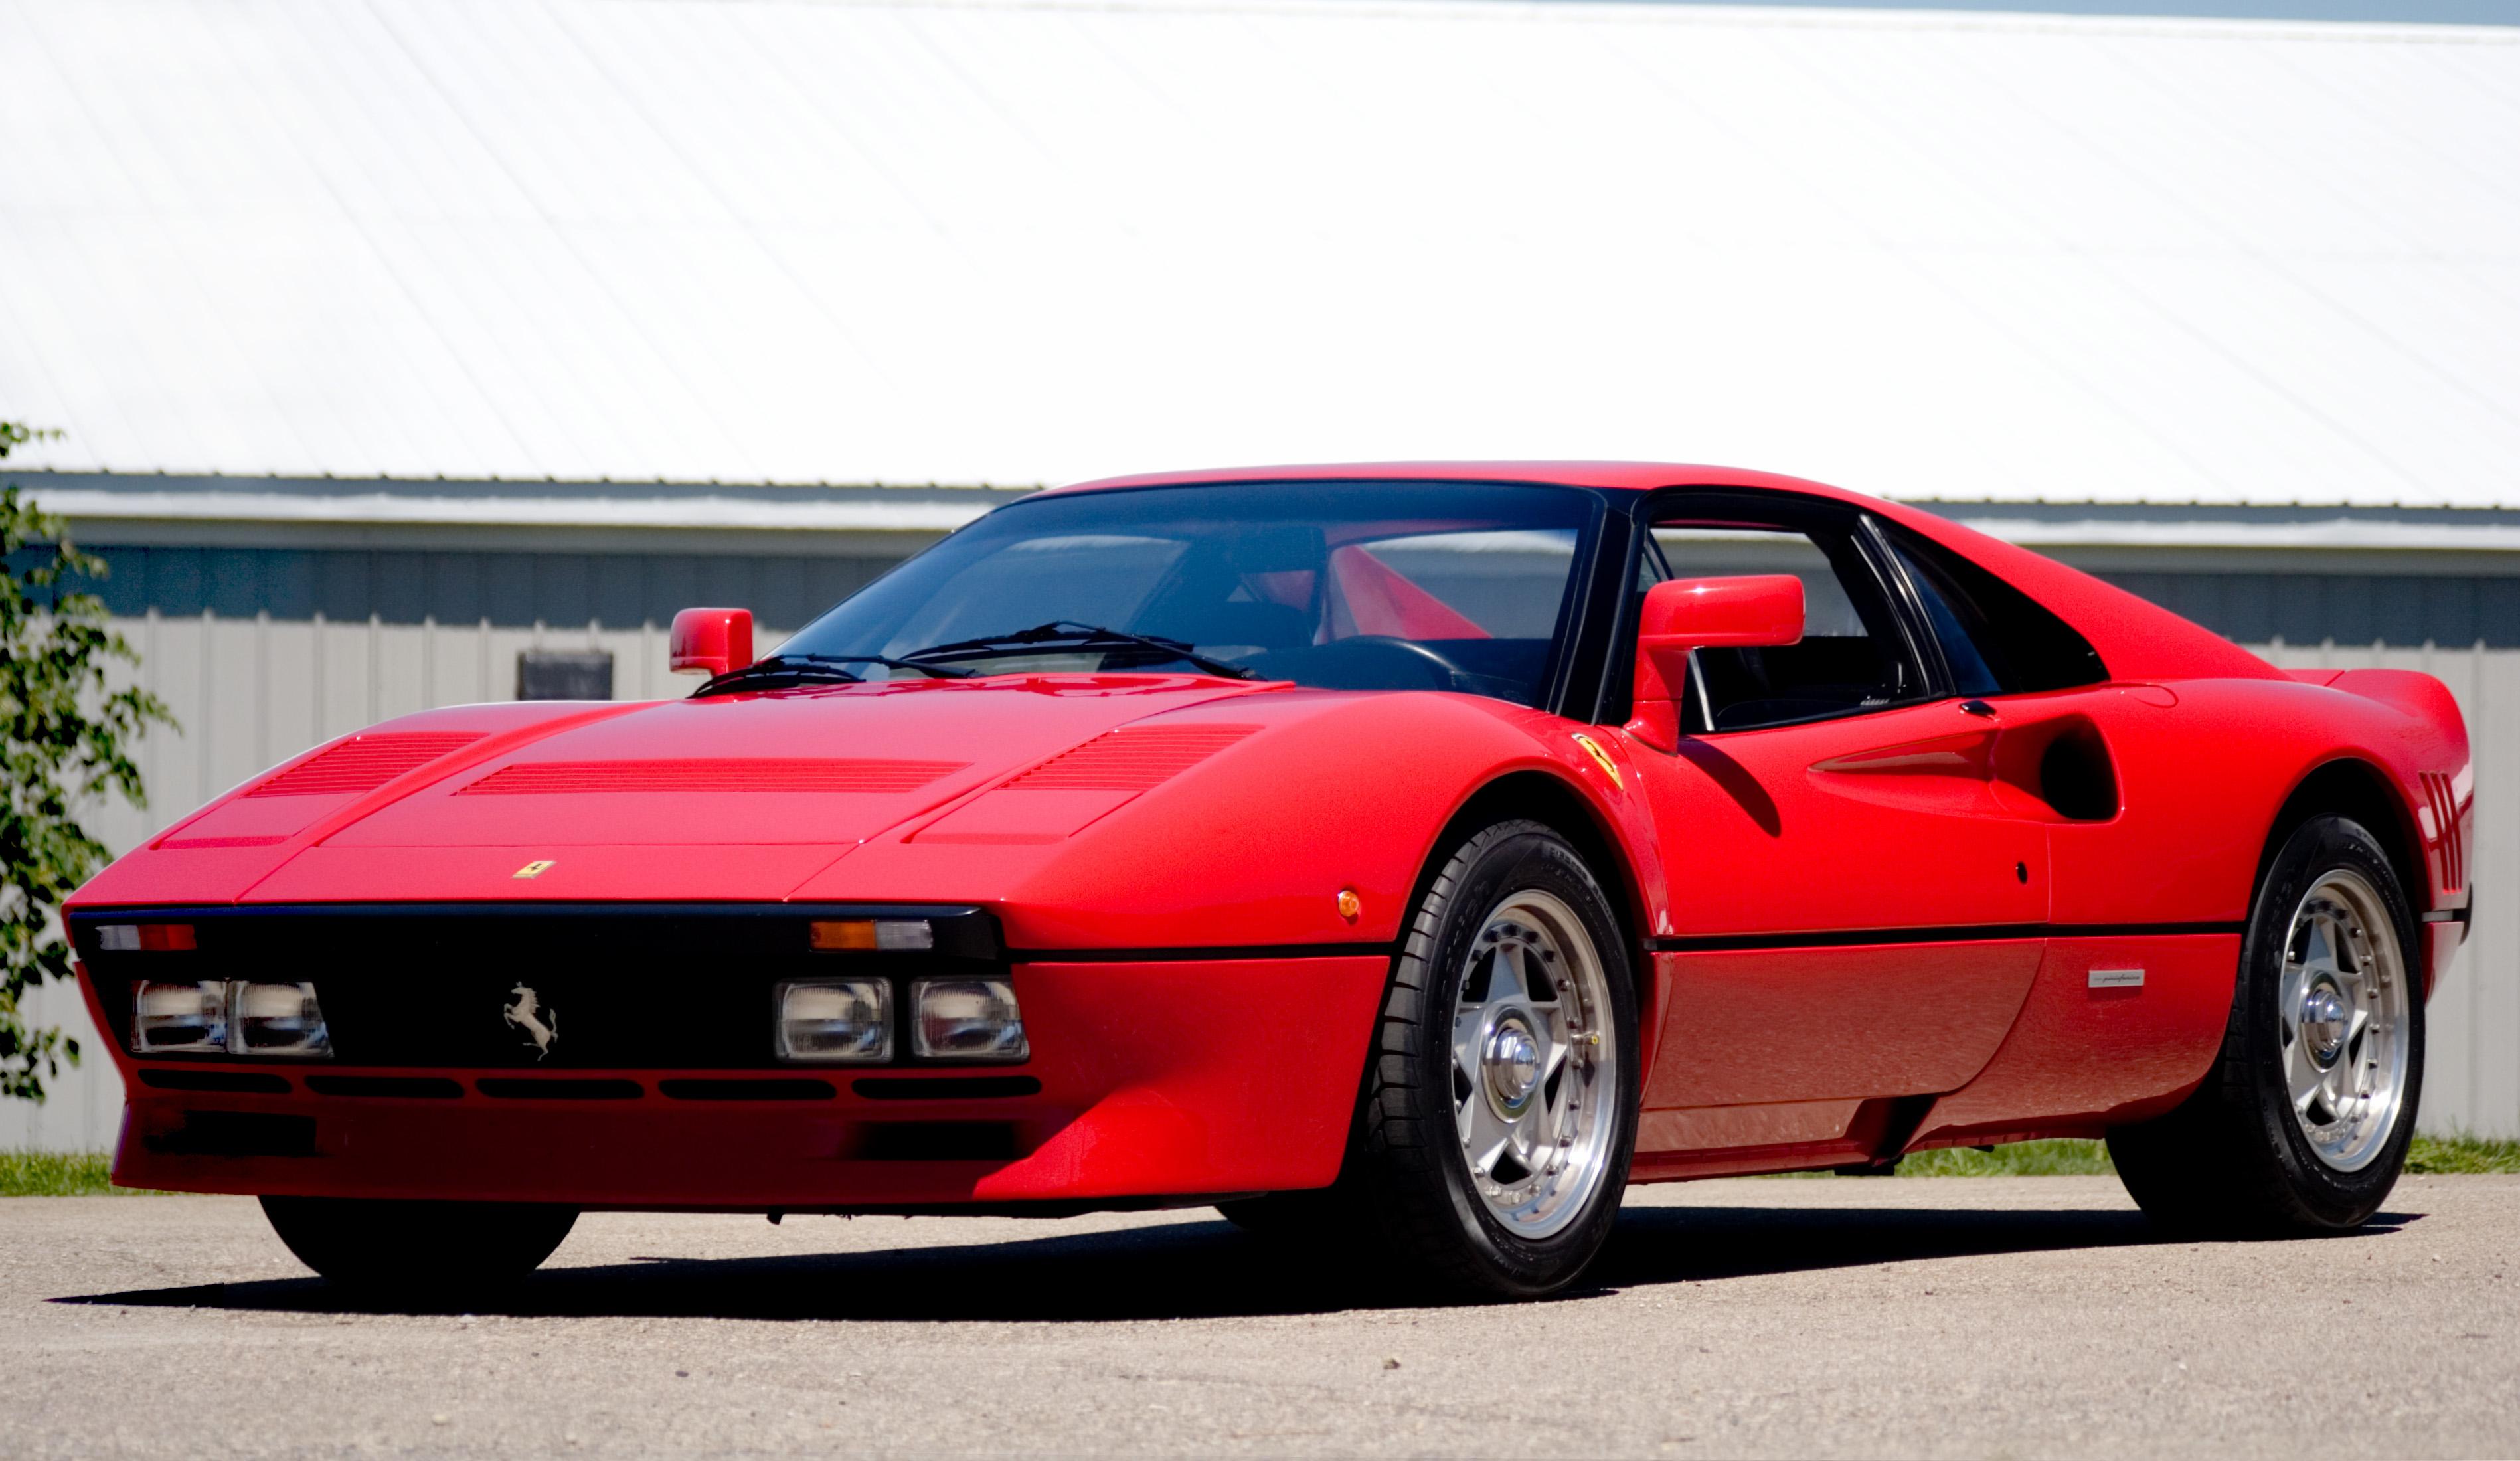 QUE COCHE - Página 2 Ferrari-288-GTO-Still-View